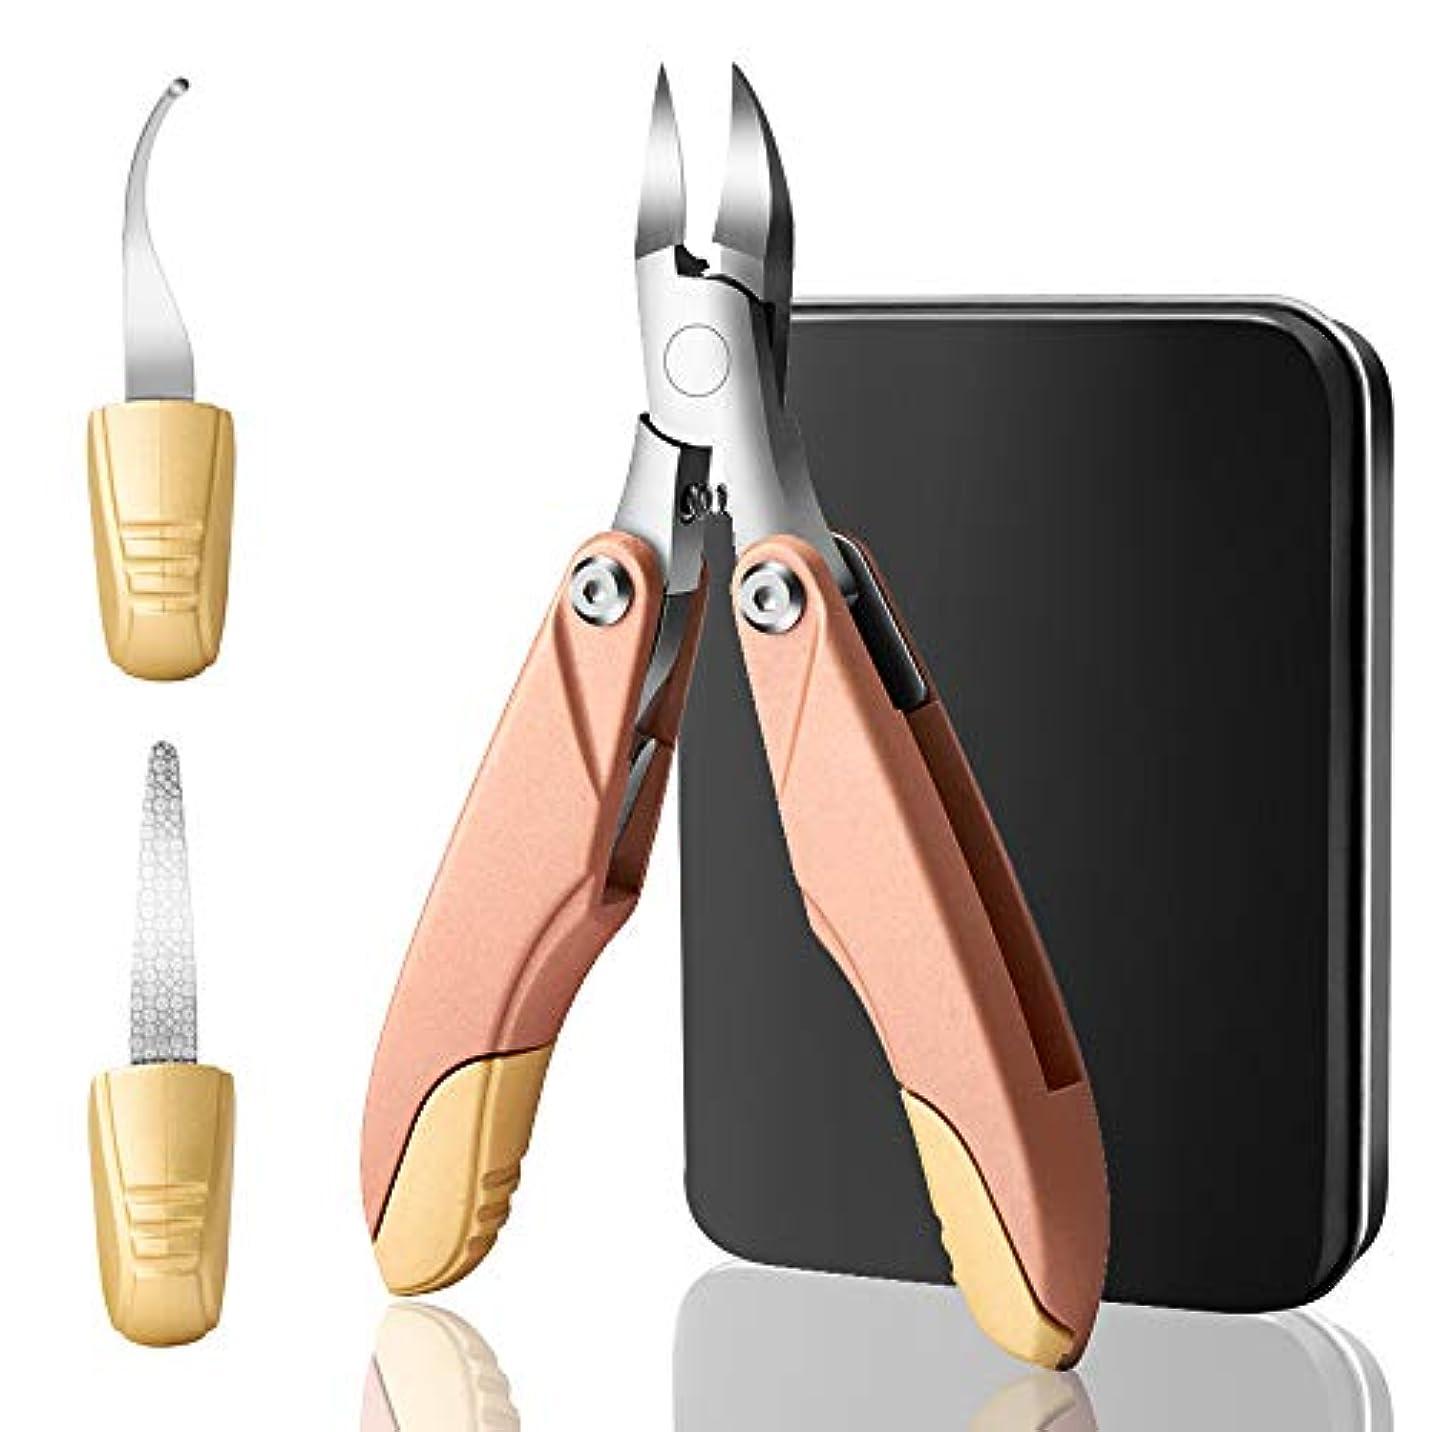 彼はインク北へYunTech 爪切り3in1 ニッパー爪切り ステンレス製 折り畳み式 巻き爪 硬い爪などにも対応 ゾンデ/爪やすり付き 手足兼用 収納ケース付き (ローズゴールド)